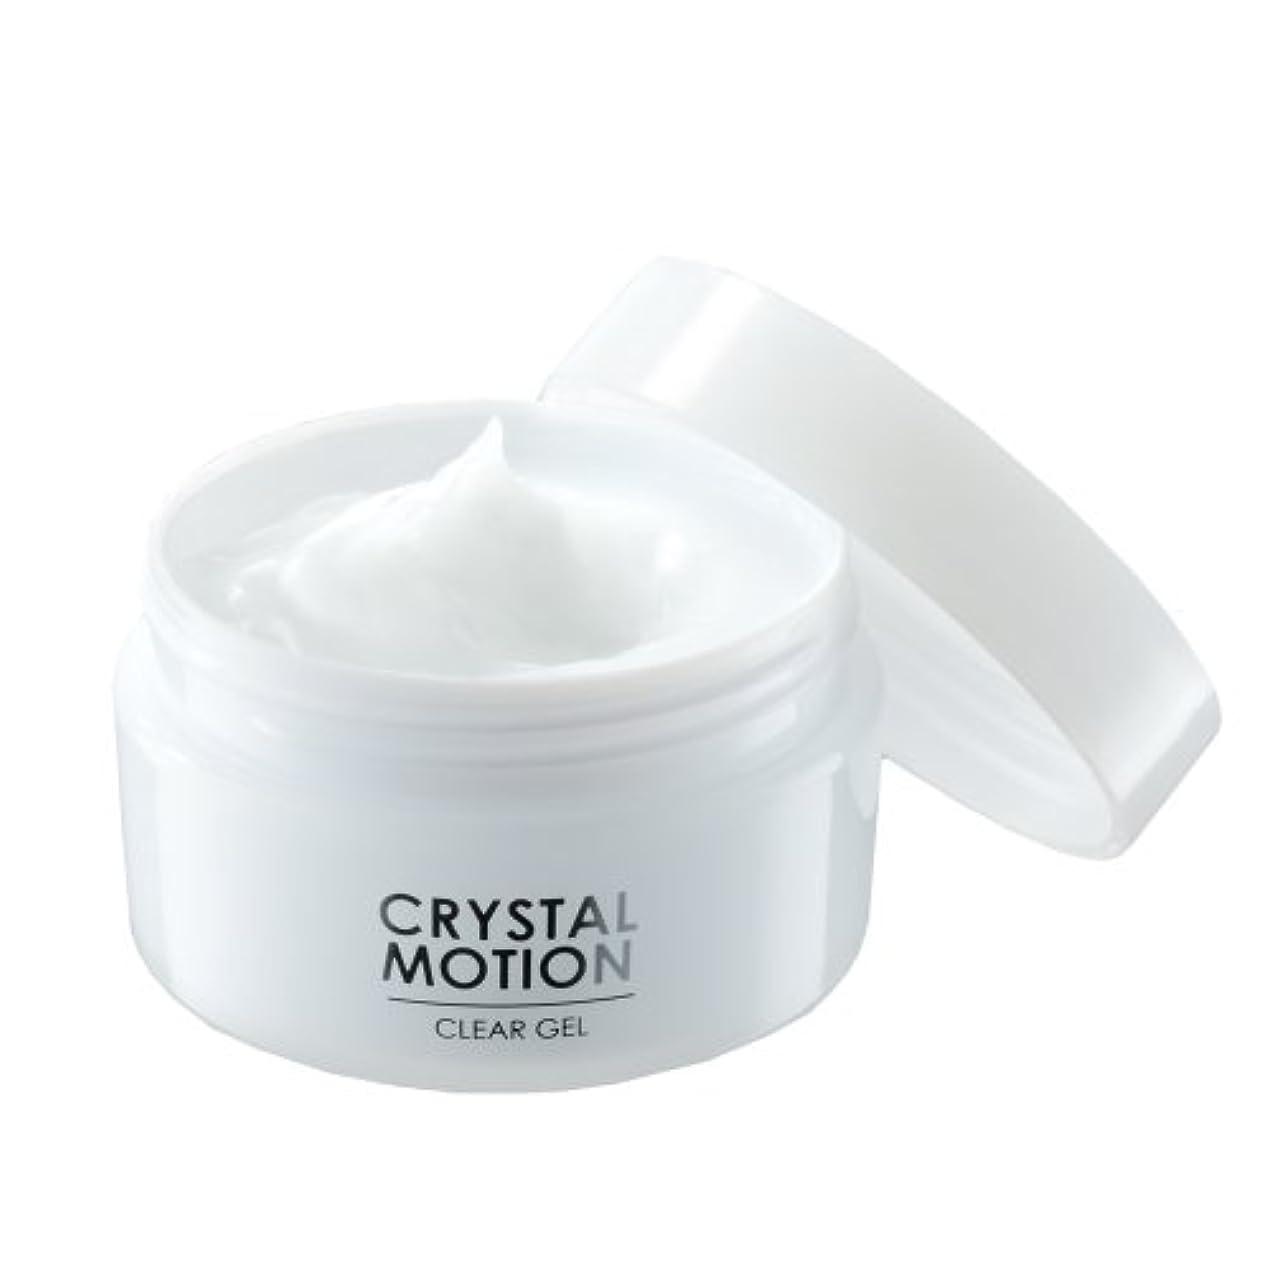 反響する酔う納屋クリスタルモーション CRYSTAL MOTION 薬用ニキビケアジェル 保湿 乾燥 美白 美肌 ニキビ 予防 1ヶ月分 60g